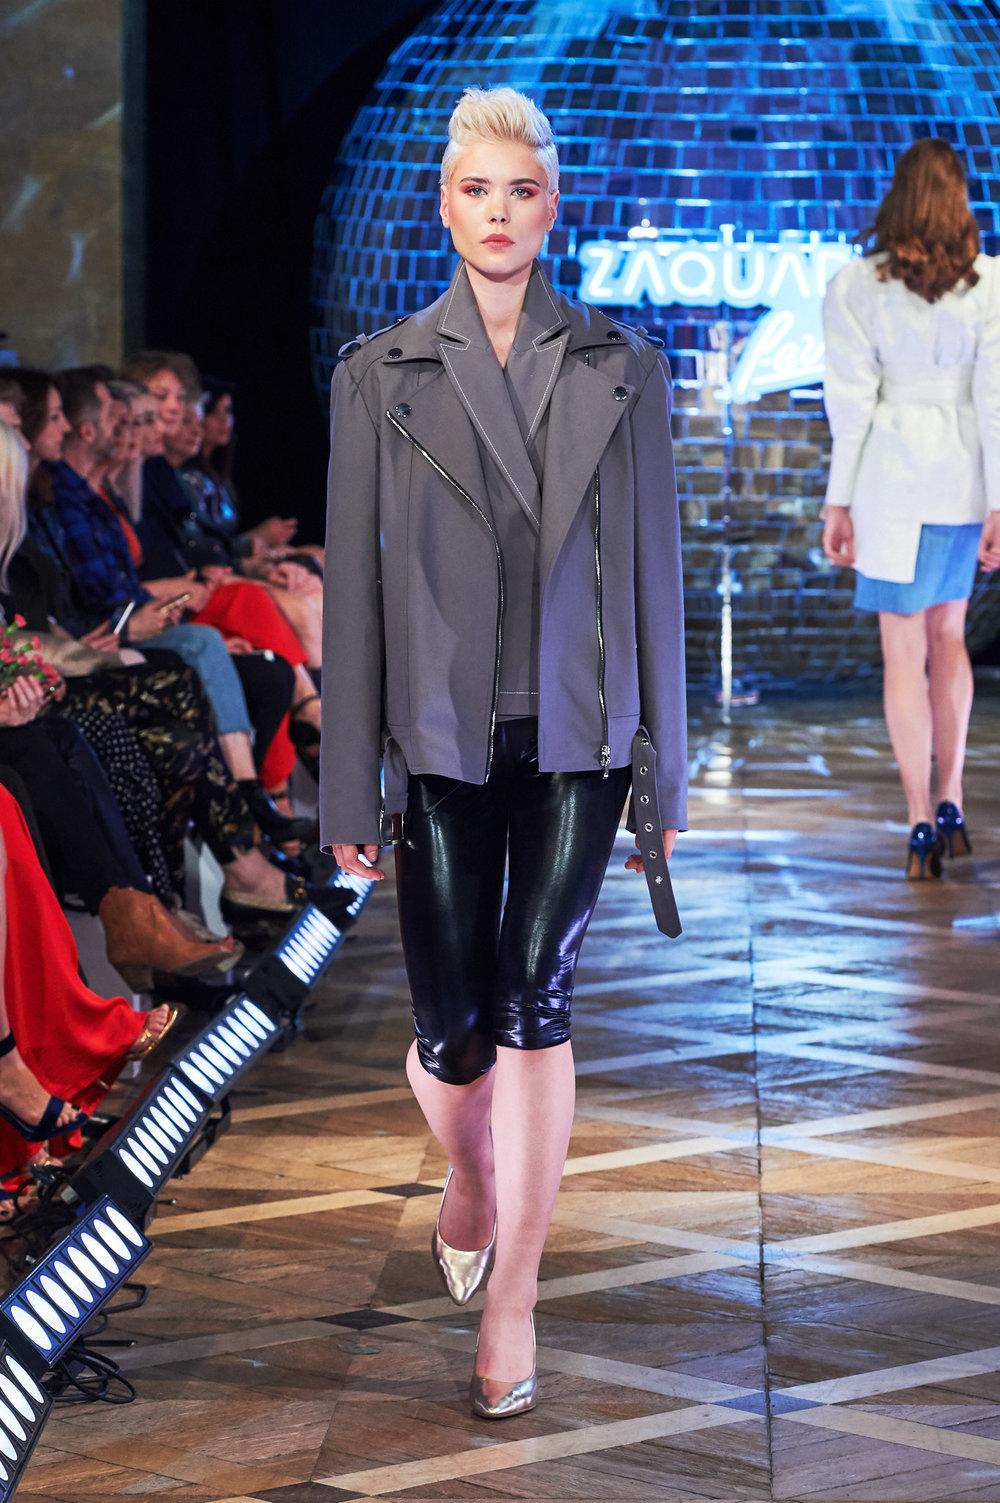 15_ZAQUAD_090519_lowres-fotFilipOkopny-FashionImages.jpg